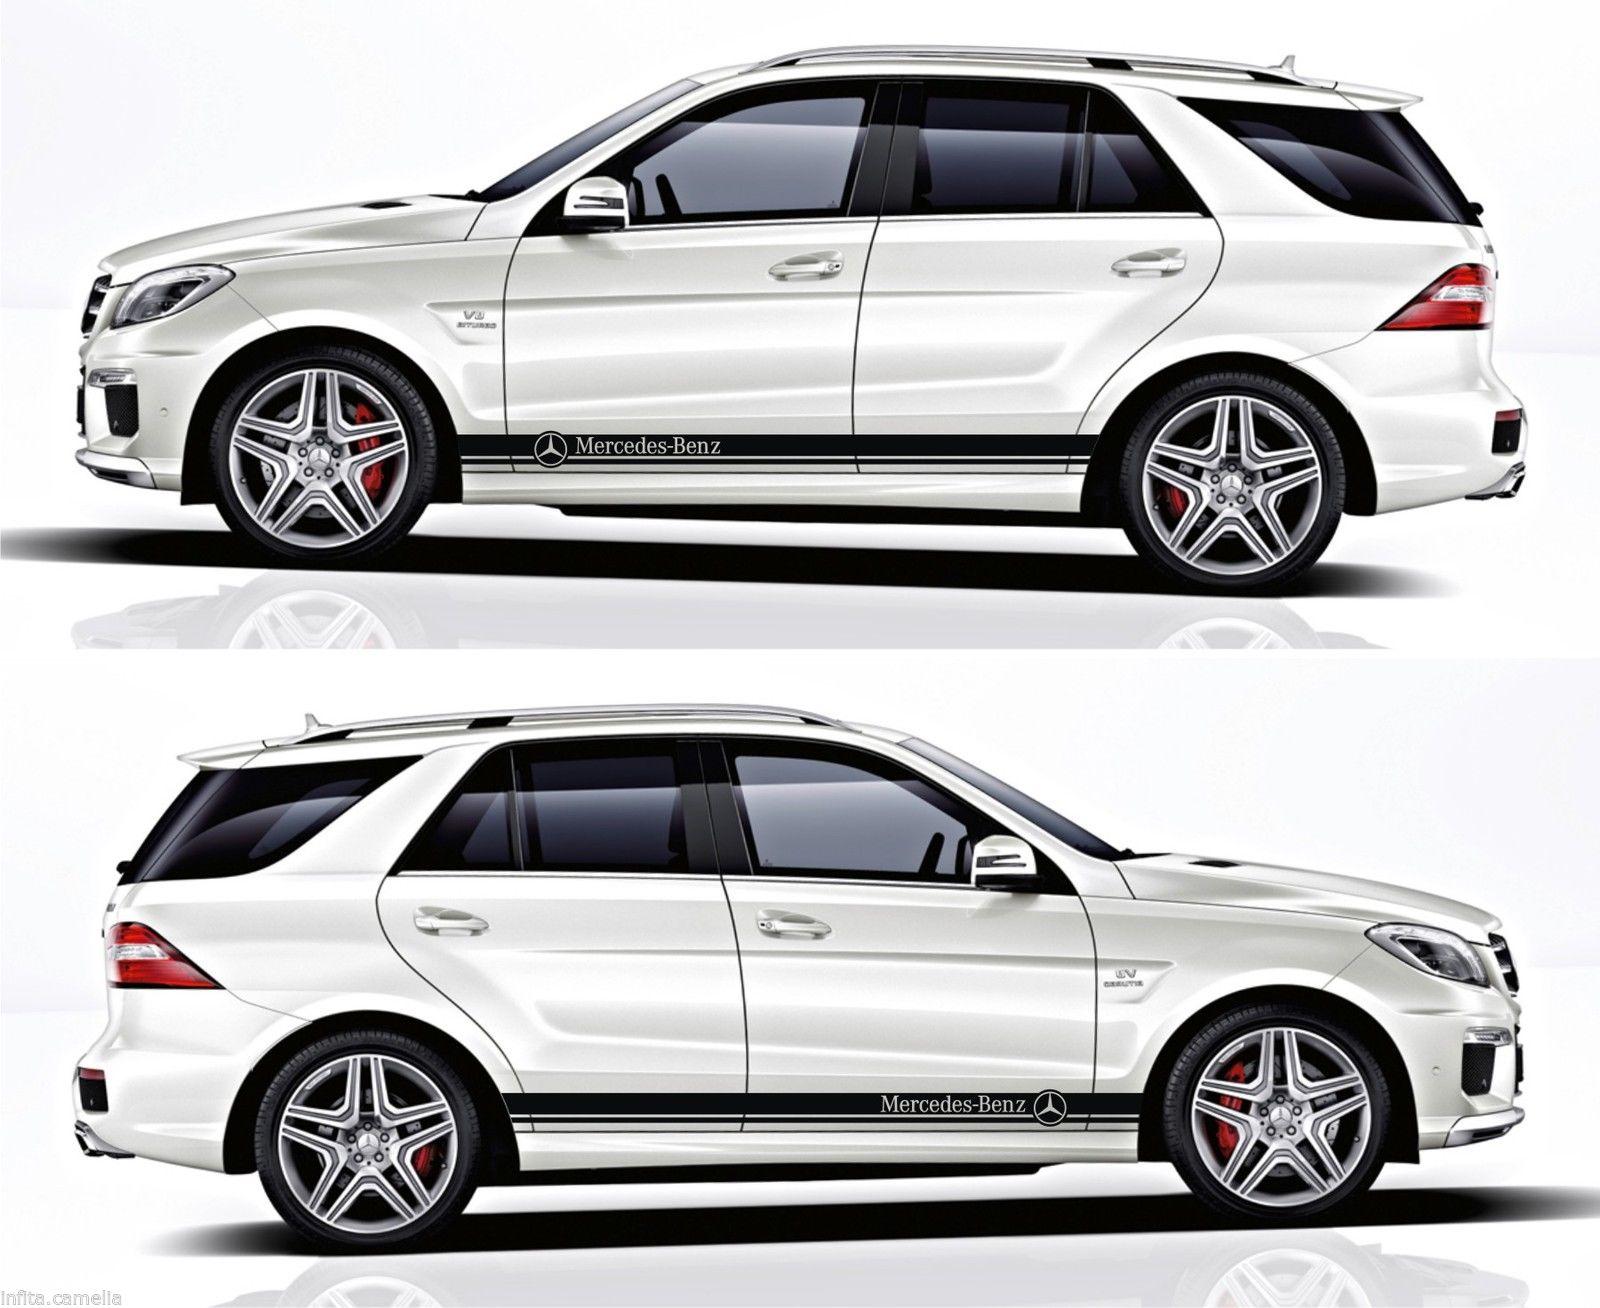 Ssk075 Universal Amg Mercedes Benz Daimler Ag Germany